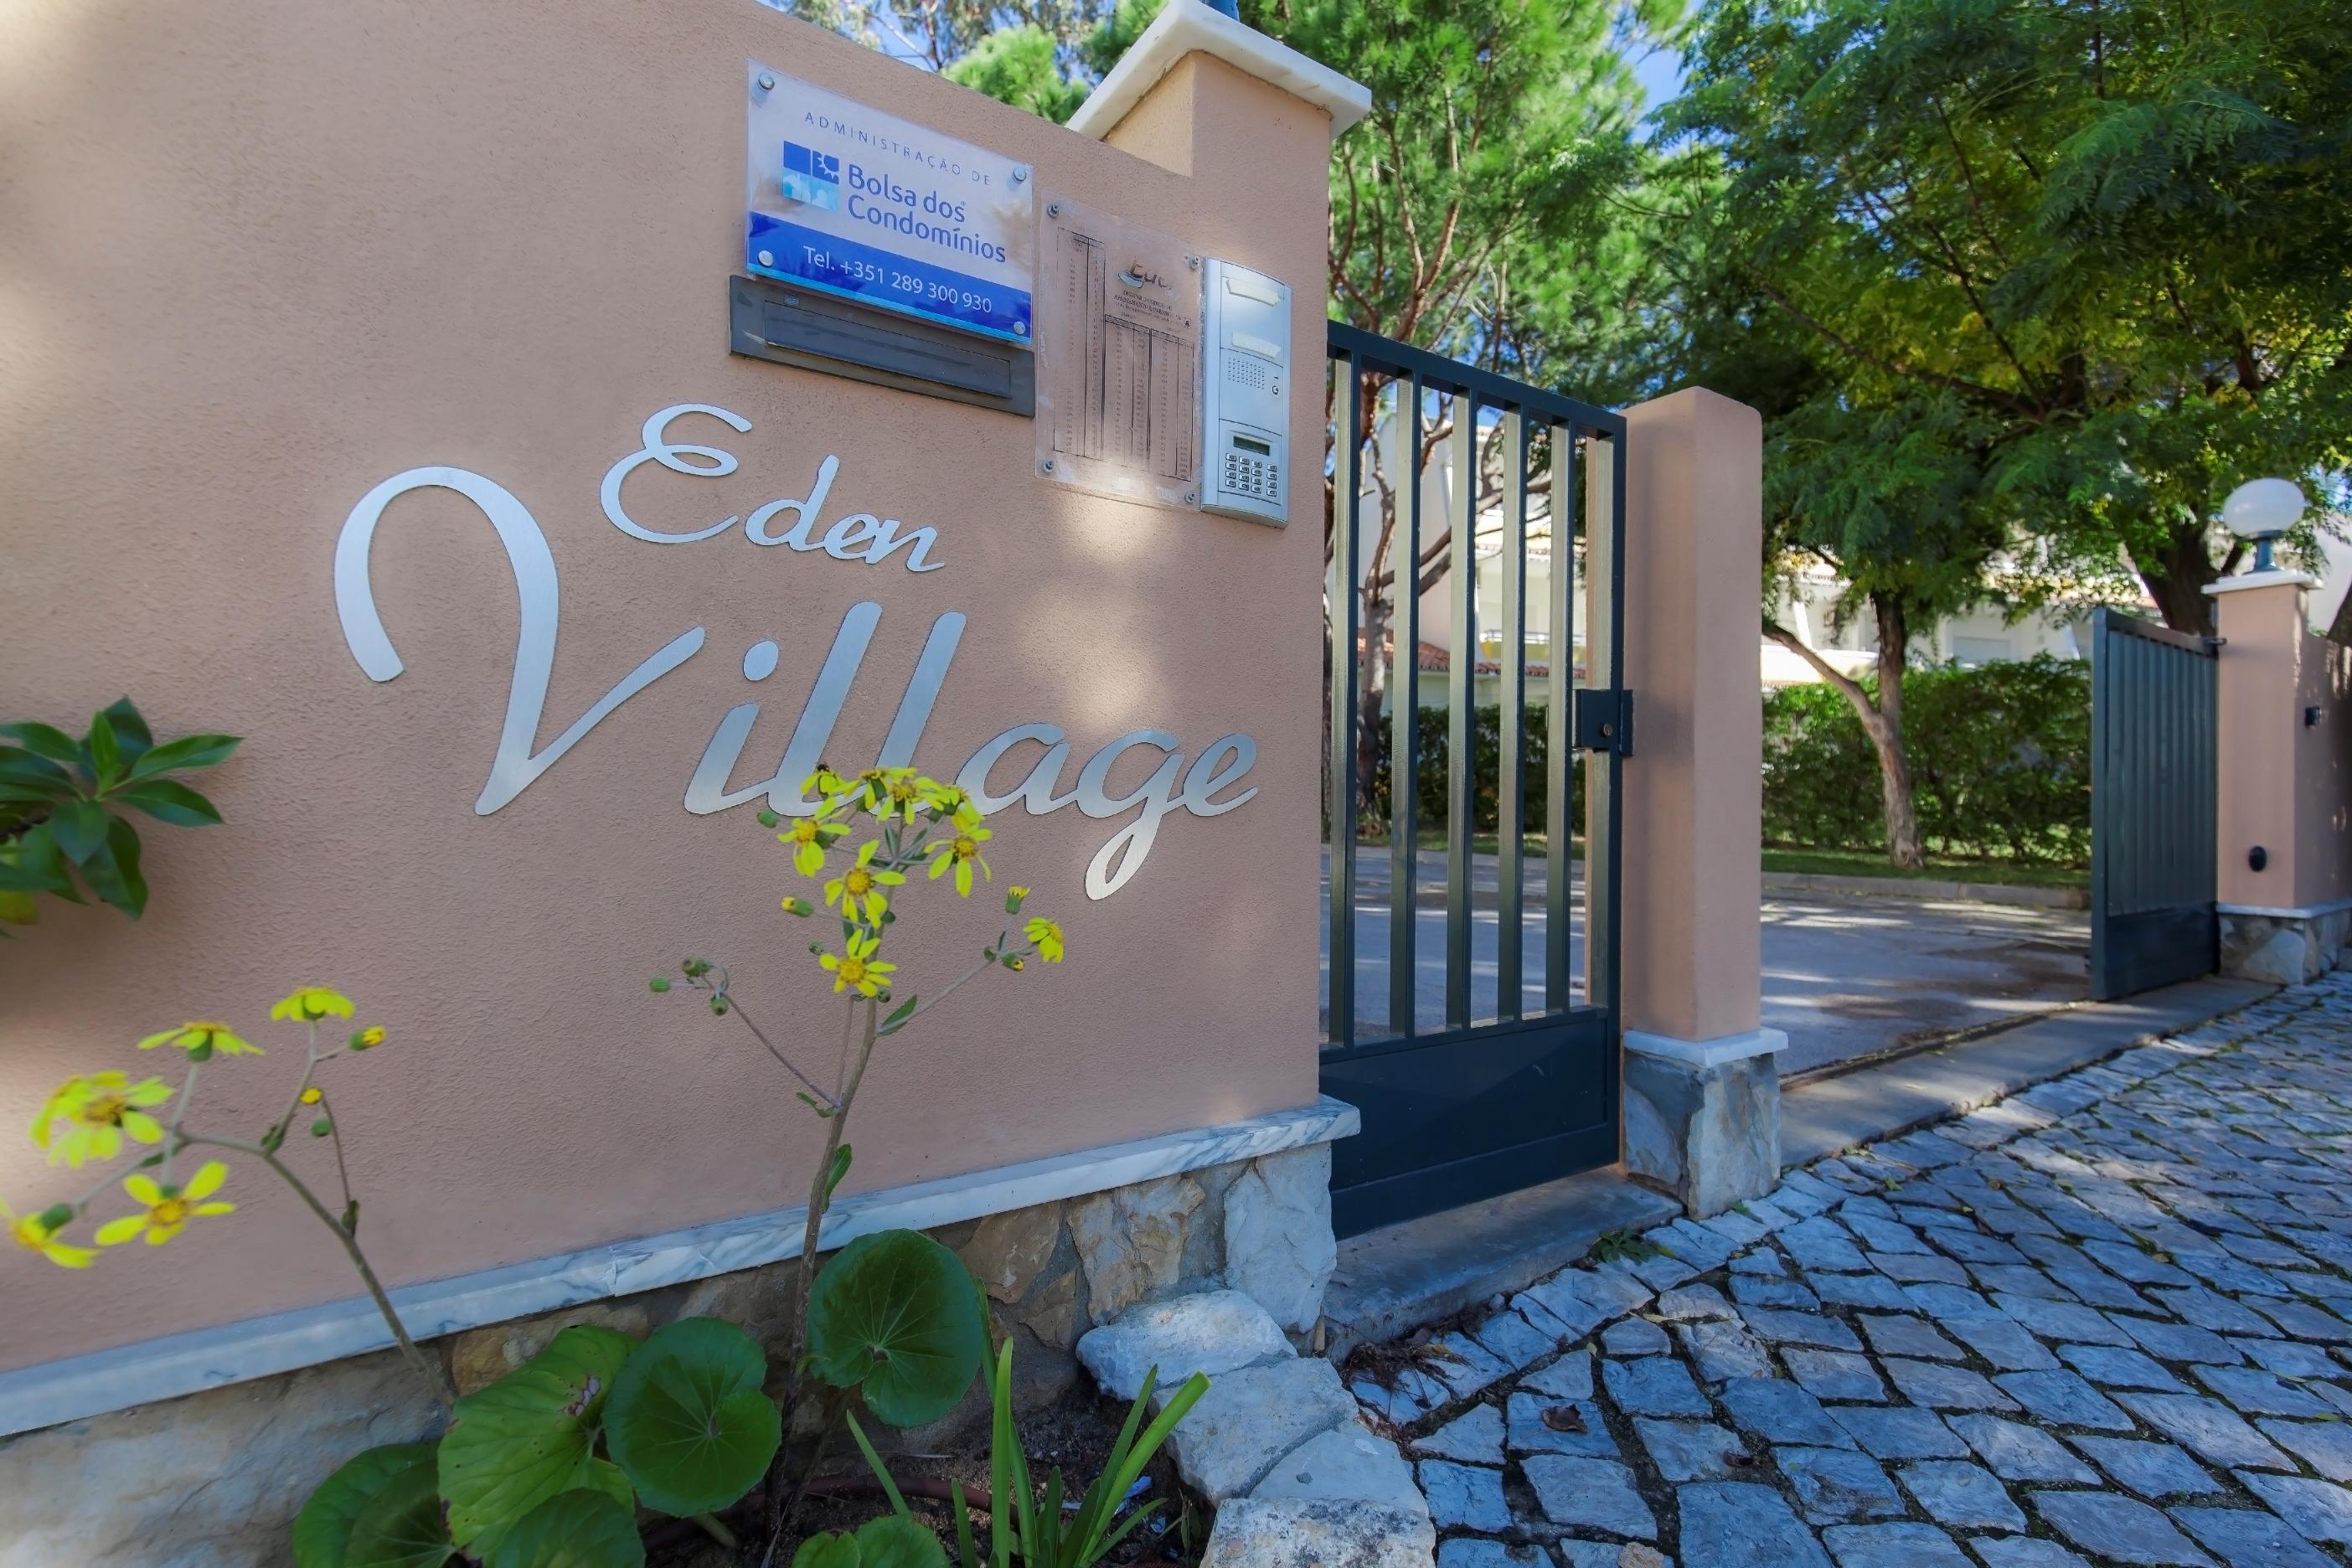 Complexo Eden Village